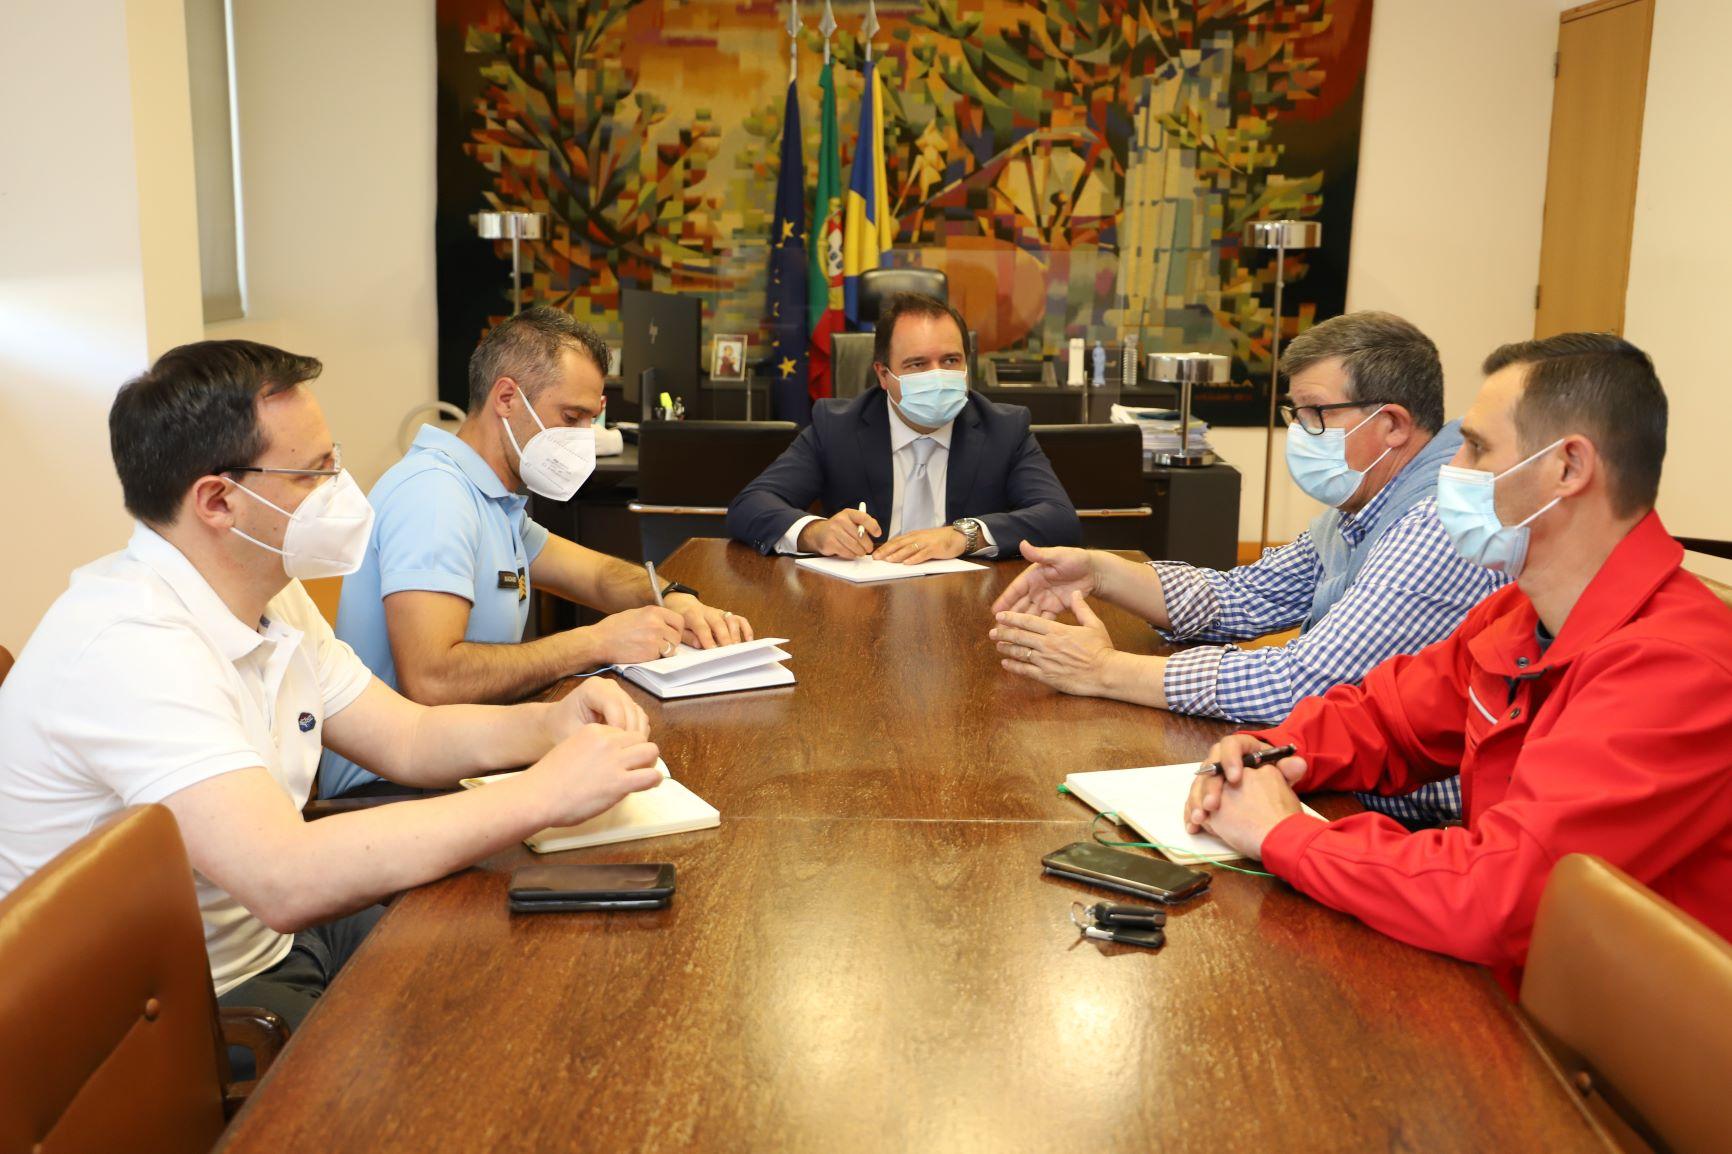 CÂMARA MUNICIPAL E CONFRARIA ACIONAM PLANO DE CONTINGÊNCIA PARA OS PRÓXIMOS DIAS 10 E 11 DE JULHO NO SANTUÁRIO DE S. BENTO